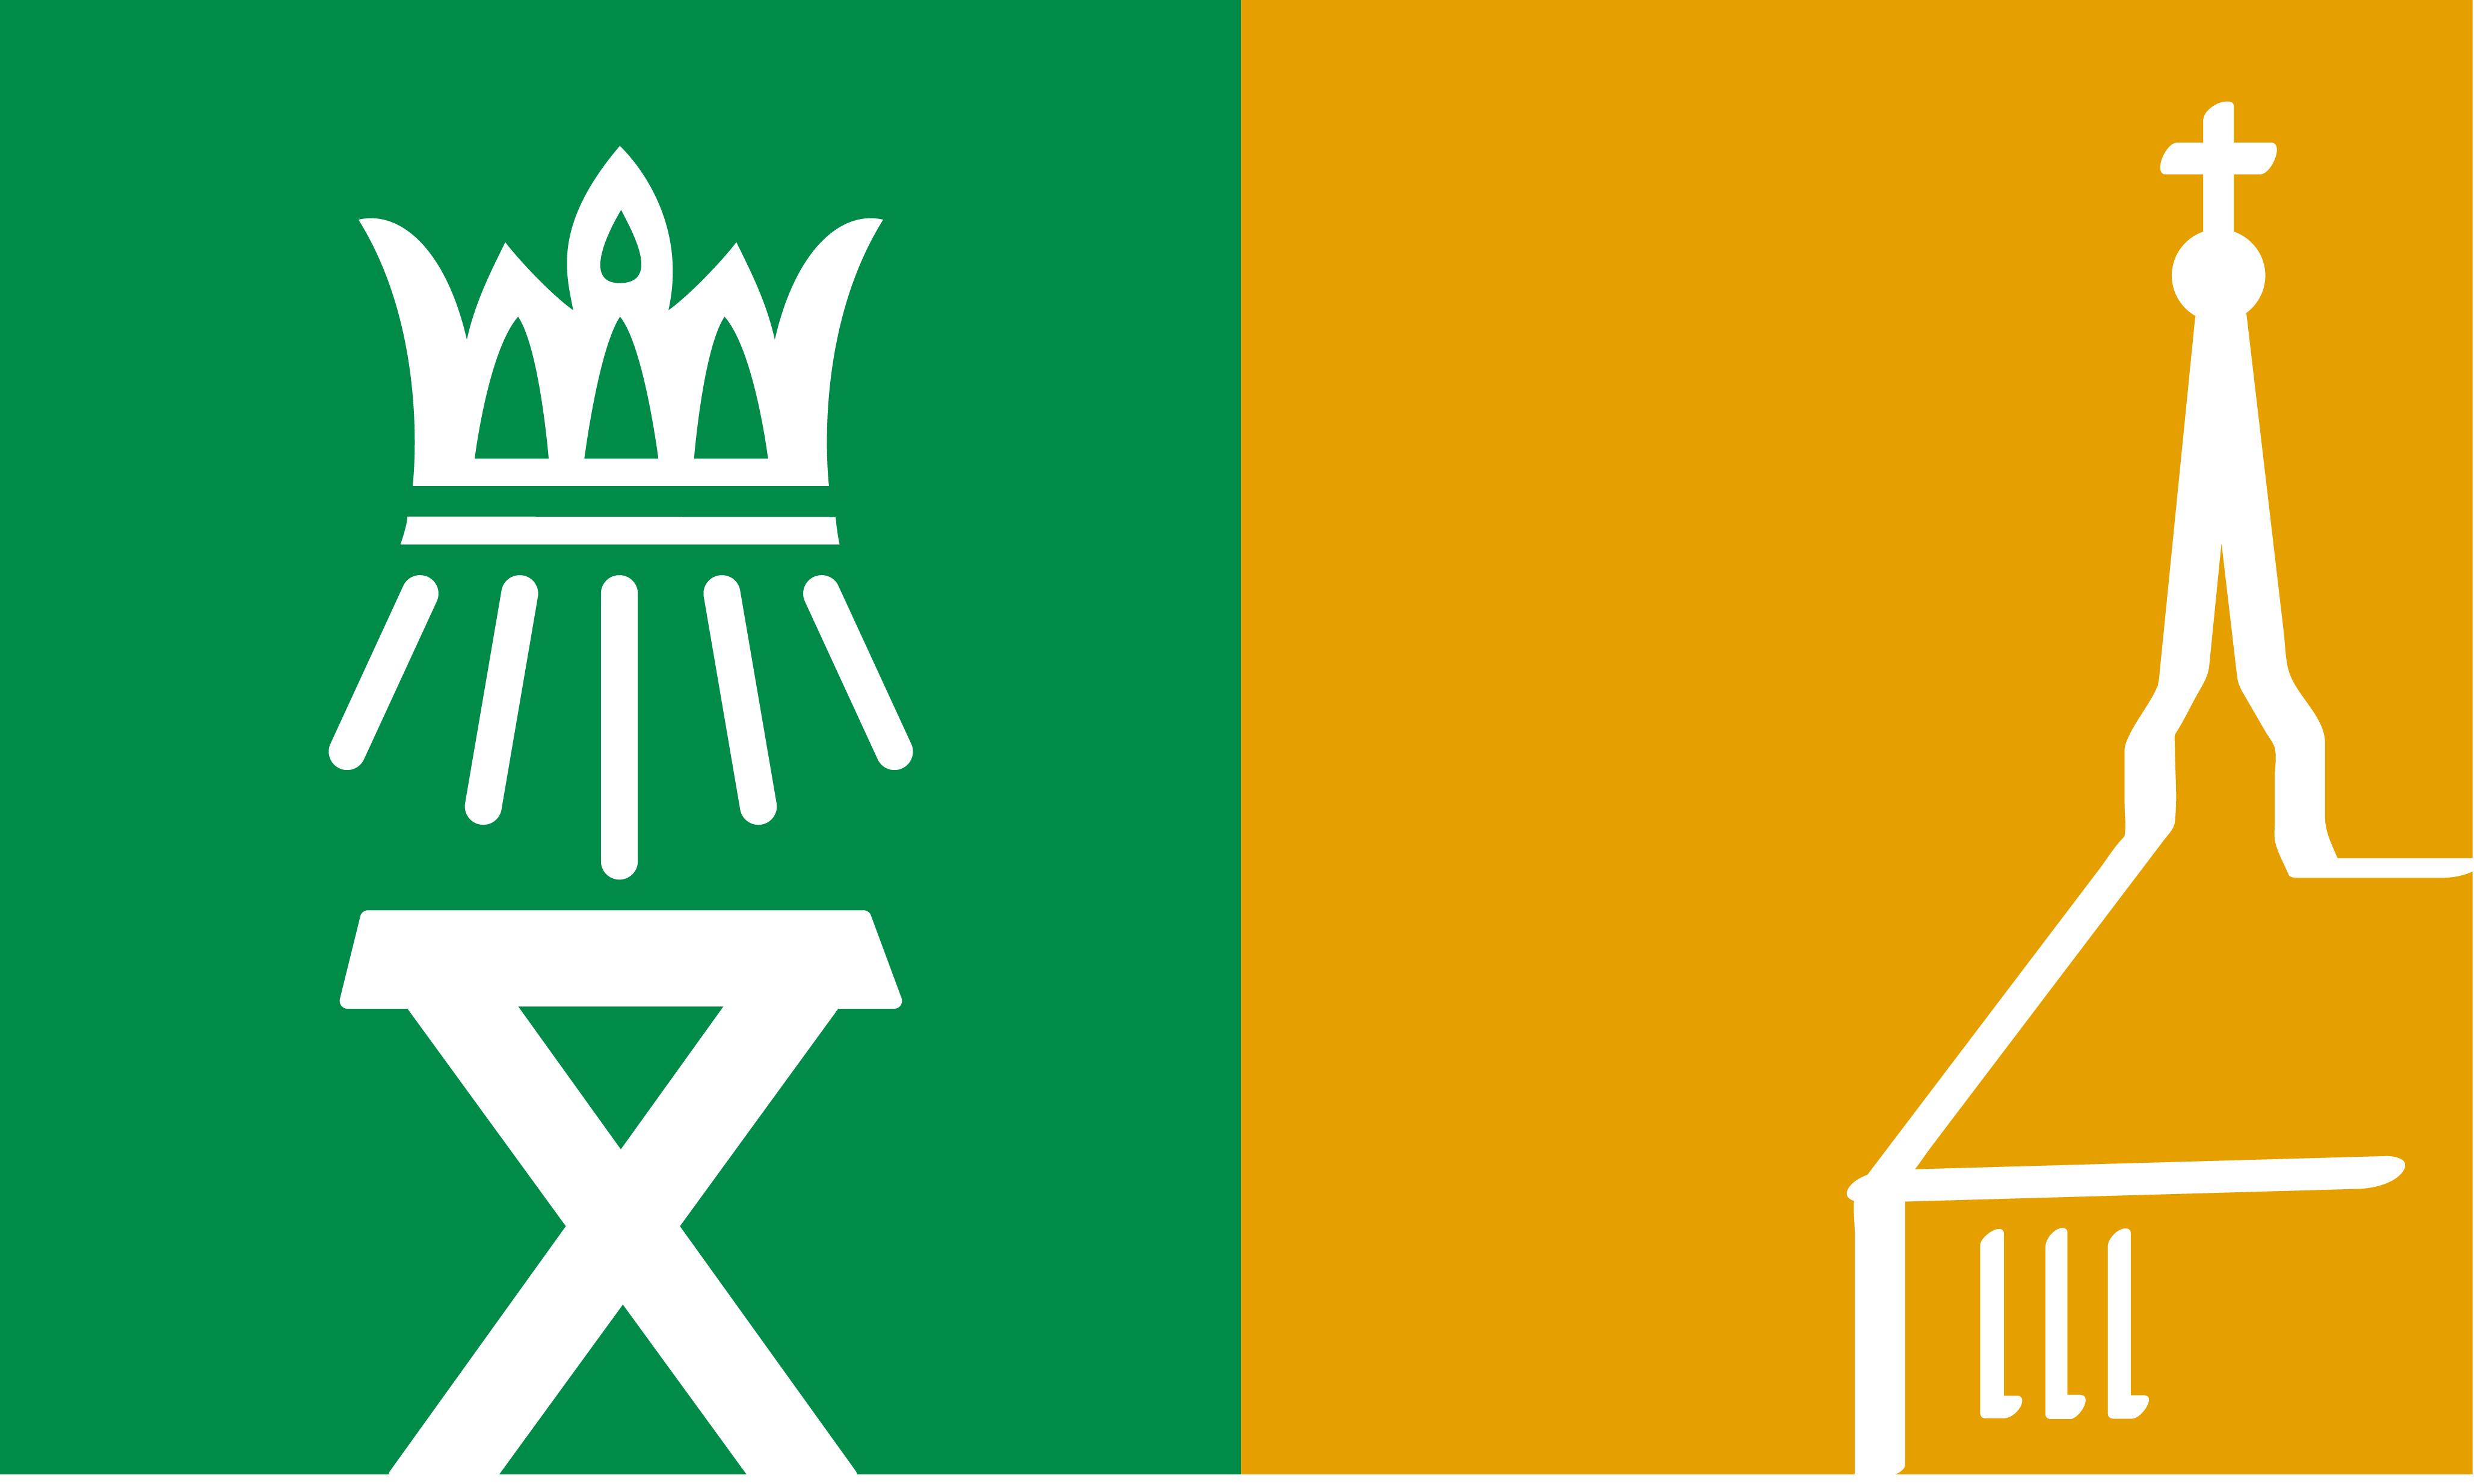 Kirchgemeinde Rothenkirchen - Wernersgrün und Ev.-Luth. Paul-Gerhardt-Kirchgemeinde  Schnarrtanne – Vogelsgrün